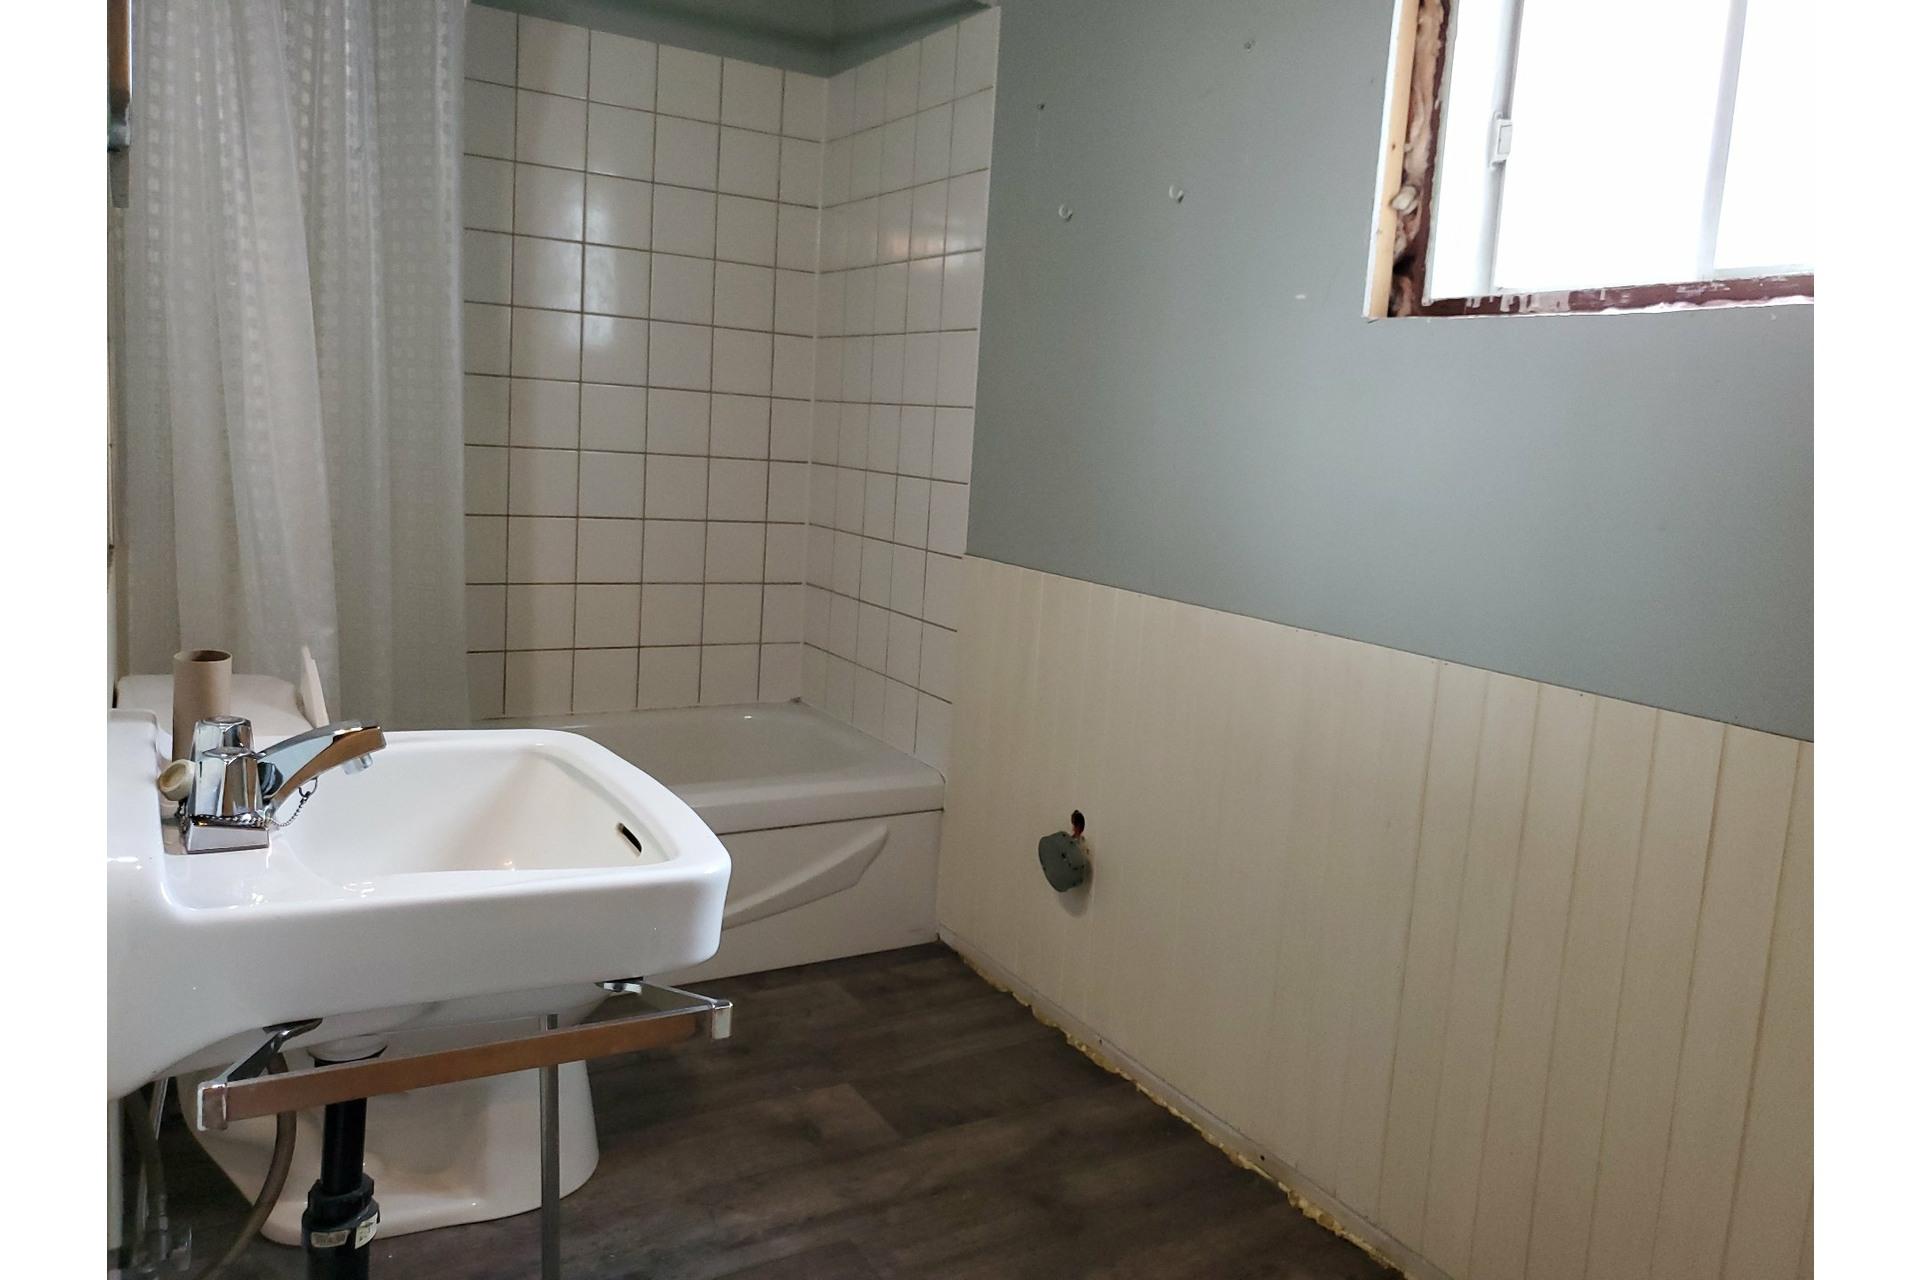 image 25 - Maison À vendre Sainte-Marie-de-Blandford - 10 pièces